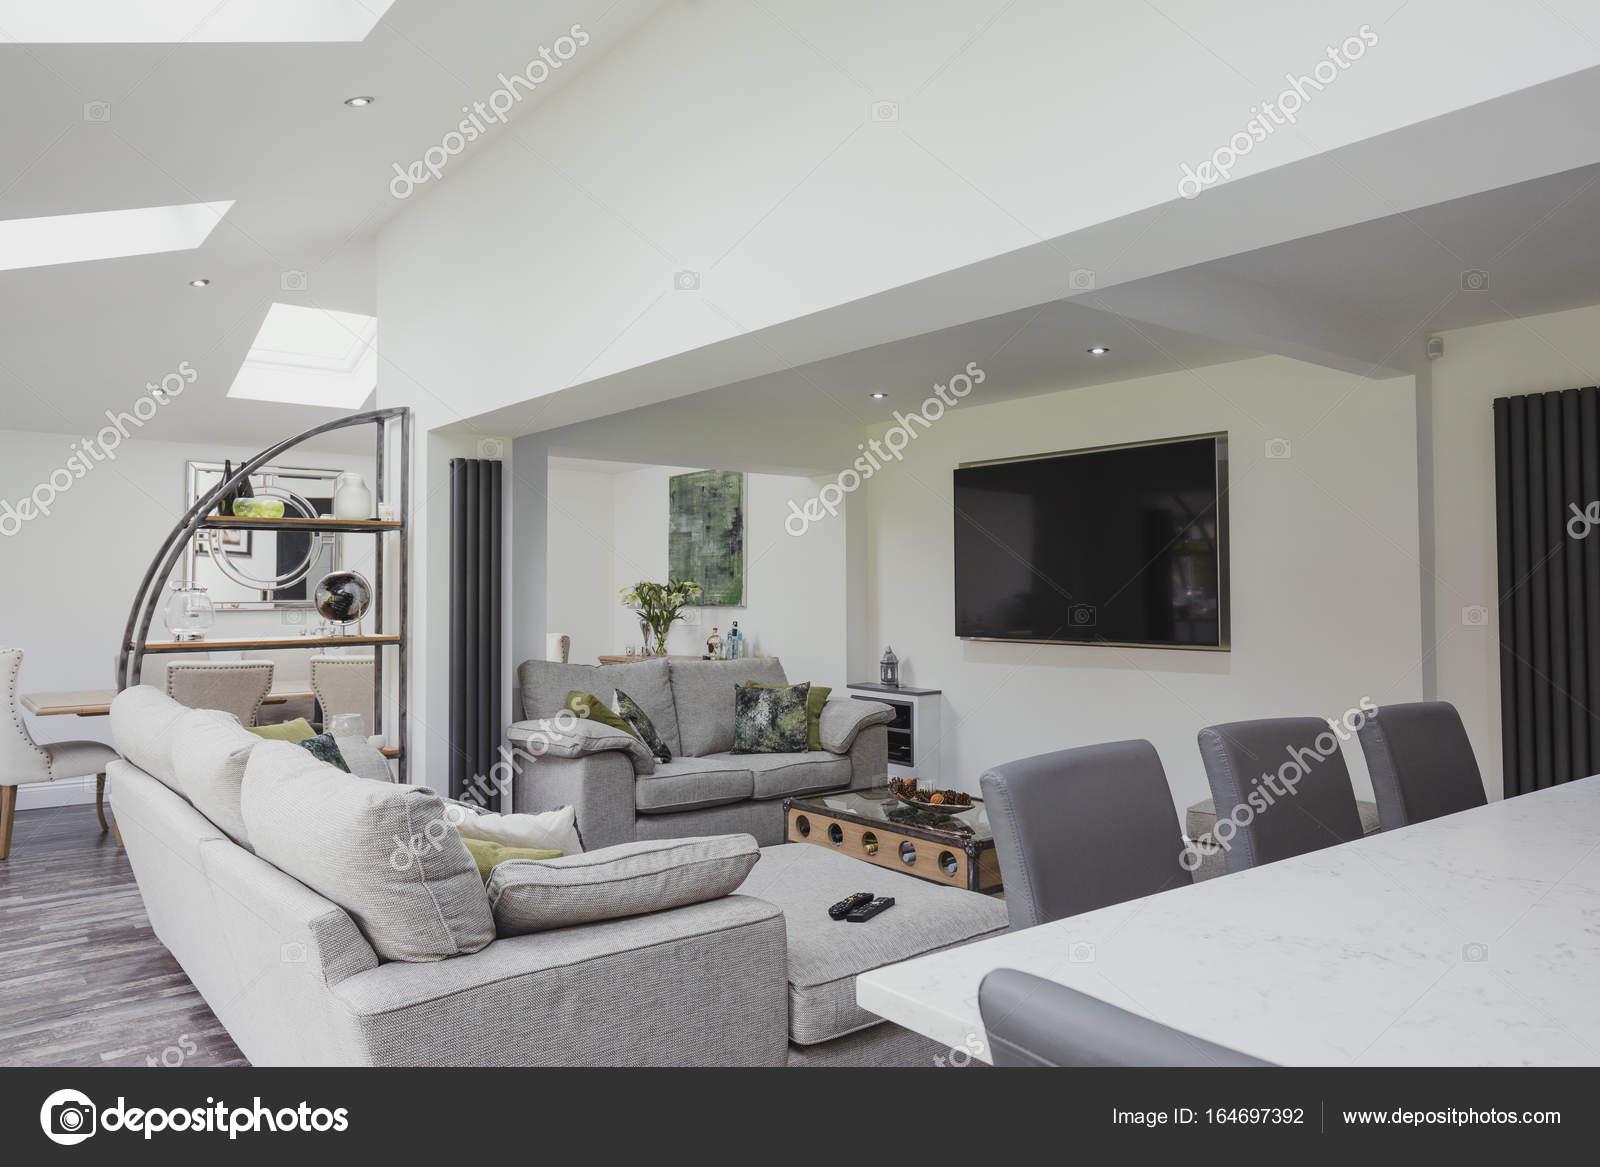 Schöne moderne Wohnzimmer — Stockfoto © DGLimages #164697392